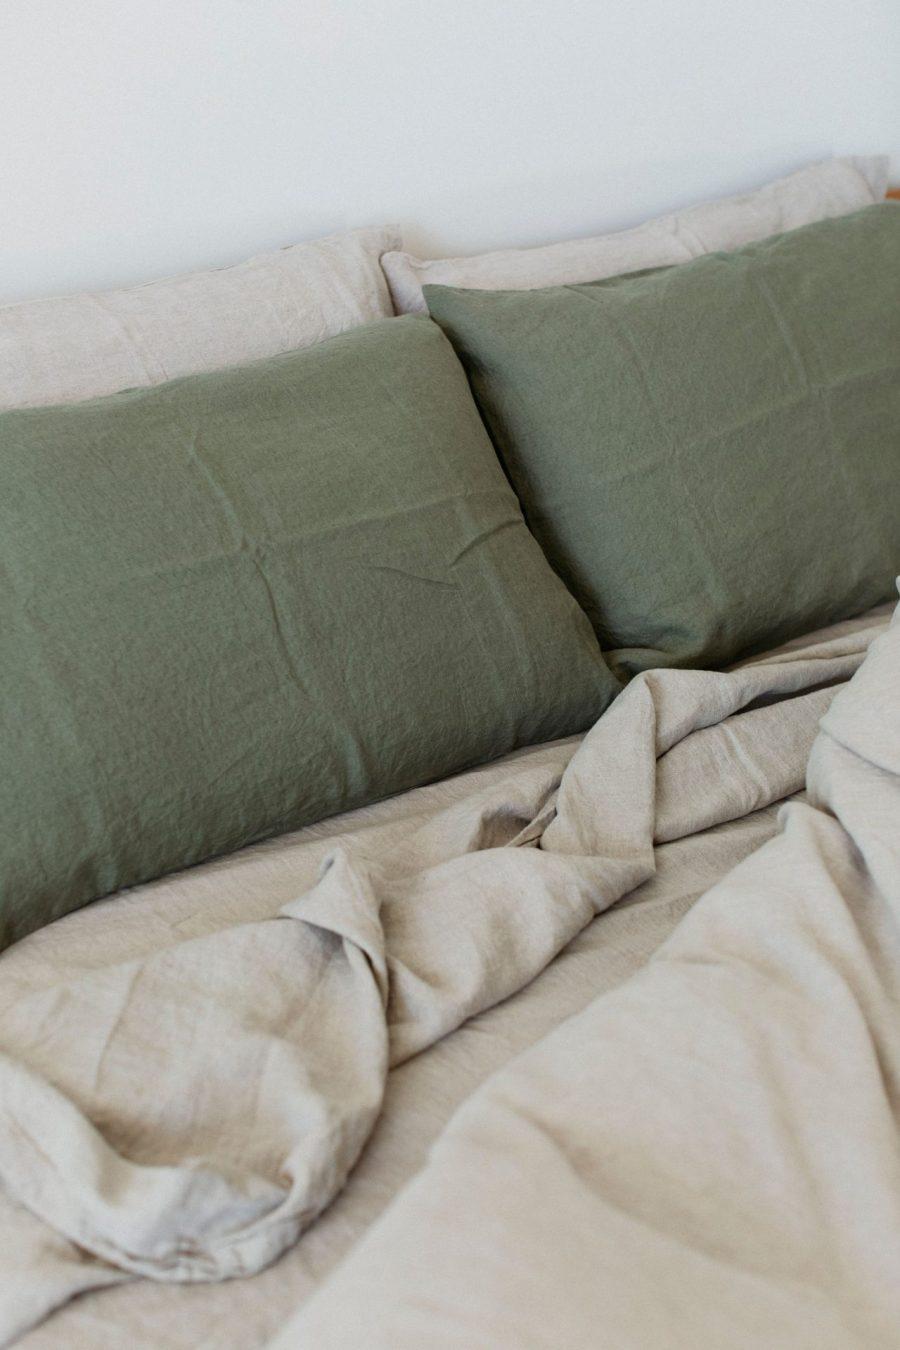 Moss living linen fitted sheet natural